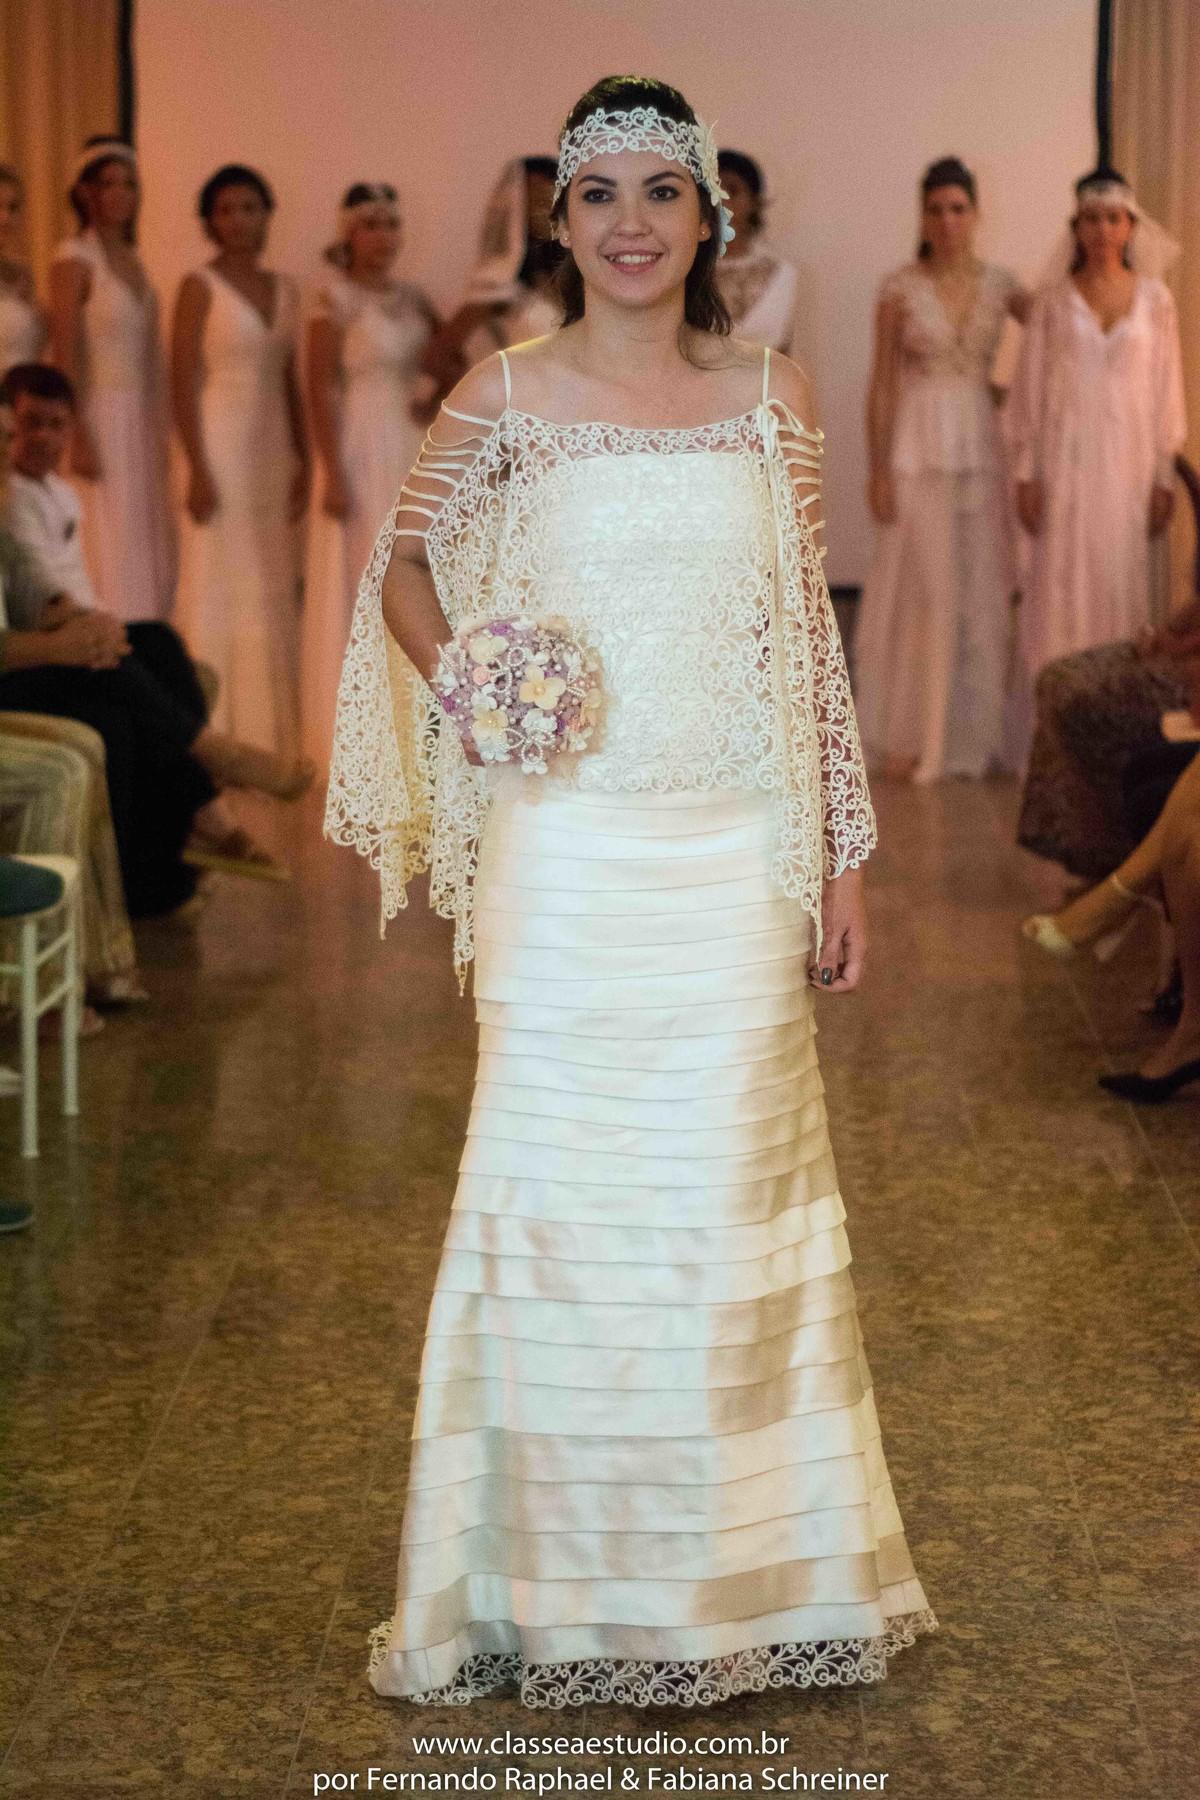 desfile de moda noiva no evento wedding day do estilista Jan Souza